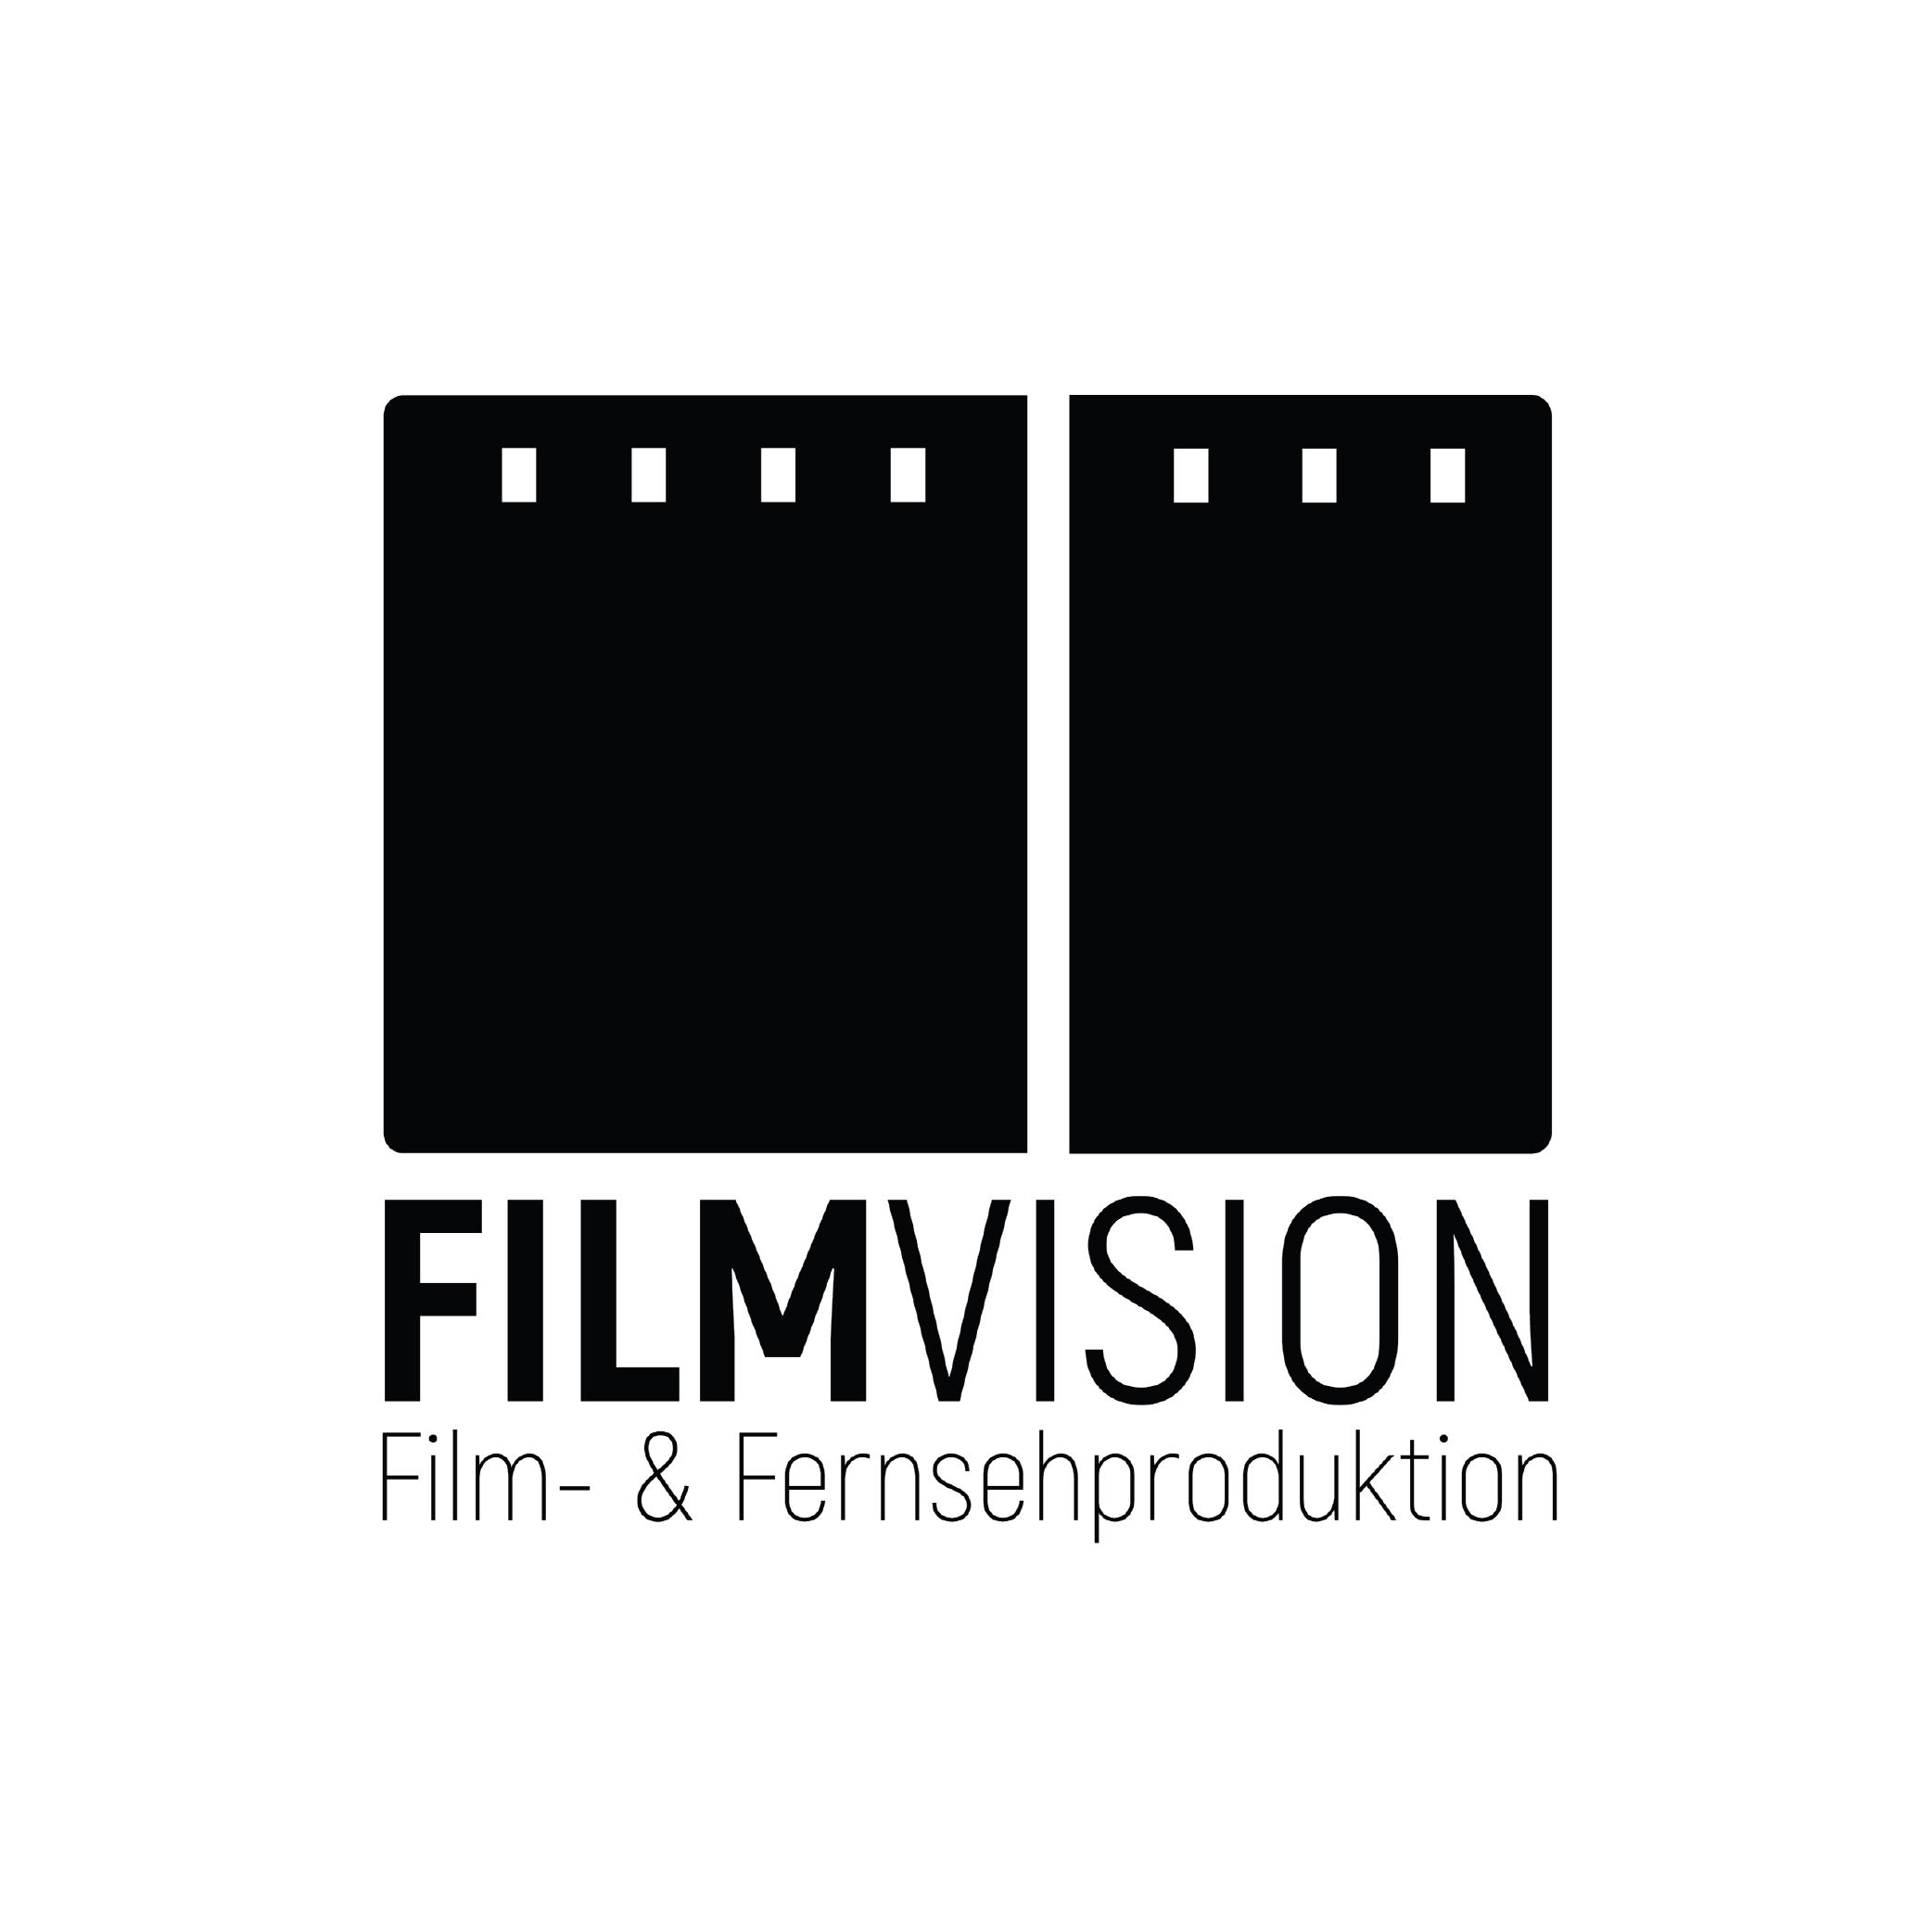 Filmvision